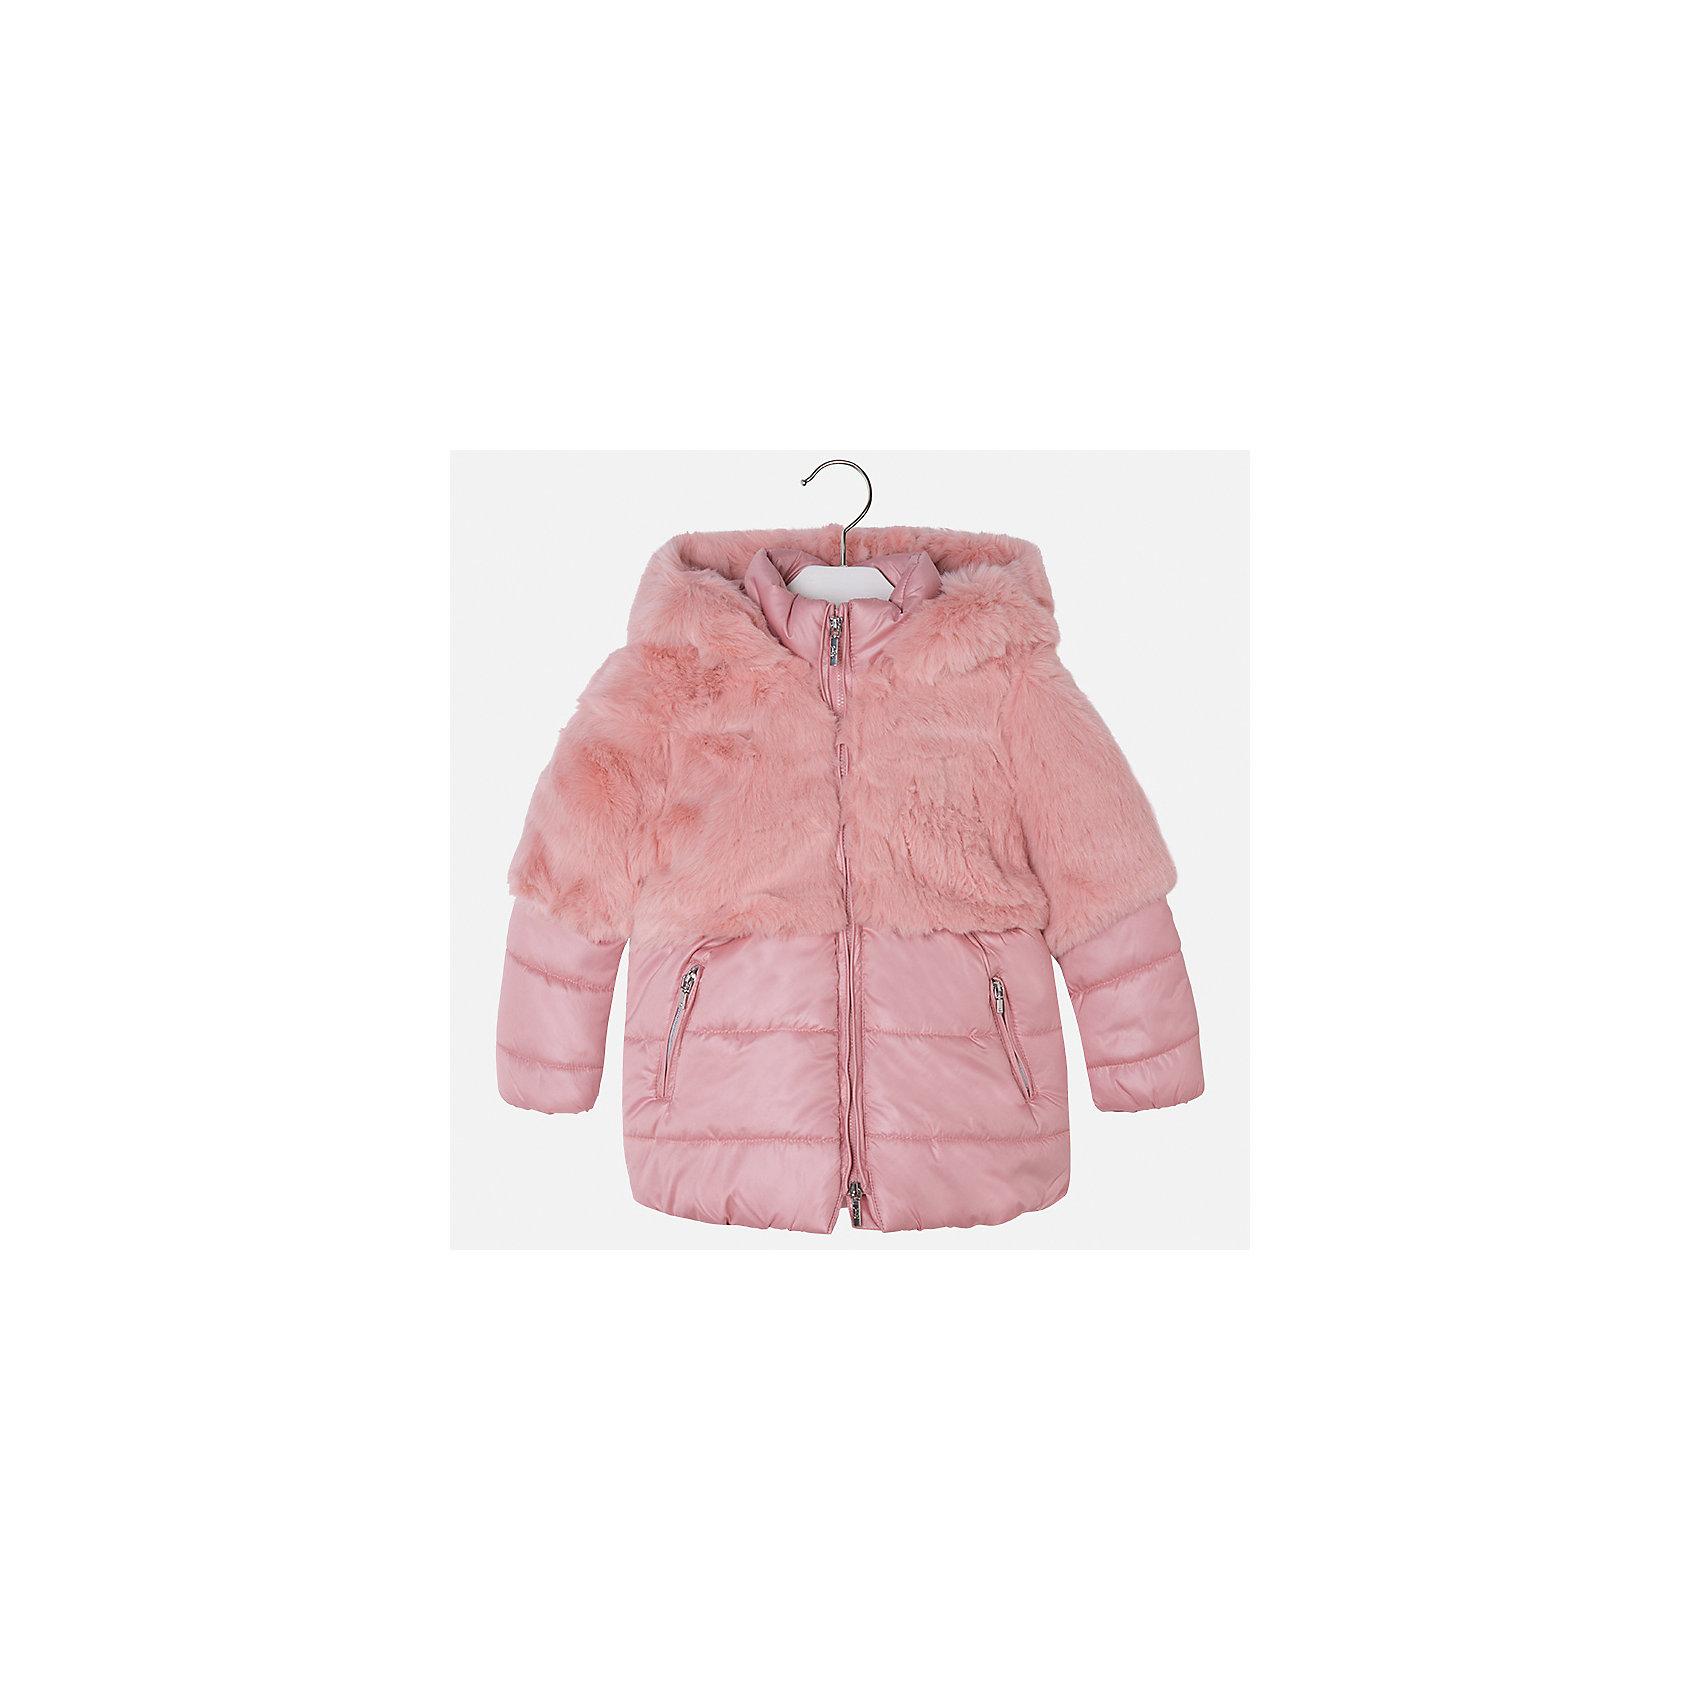 Куртка для девочки MayoralДемисезонные куртки<br>Характеристики товара:<br><br>• цвет: розовый<br>• состав ткани: 58% полиэстер, 42% акрил, подклад - 65% полиэстер, 35% акрил, утеплитель - 100% полиэстер<br>• застежка: молния<br>• длинные рукава<br>• сезон: демисезон<br>• температурный режим: от 0 до -10С<br>• страна бренда: Испания<br>• страна изготовитель: Индия<br><br>Эта утепленная куртка поможет сделать образ стильным и оригинальным. Куртка с отделкой из искусственного меха соответствует новейшим тенденциям молодежной моды. <br><br>Детская одежда от испанской компании Mayoral отличаются оригинальным и всегда стильным дизайном. Качество продукции неизменно очень высокое.<br><br>Куртку для девочки Mayoral (Майорал) можно купить в нашем интернет-магазине.<br><br>Ширина мм: 356<br>Глубина мм: 10<br>Высота мм: 245<br>Вес г: 519<br>Цвет: розовый<br>Возраст от месяцев: 96<br>Возраст до месяцев: 108<br>Пол: Женский<br>Возраст: Детский<br>Размер: 134,92,98,104,110,116,122,128<br>SKU: 6924419